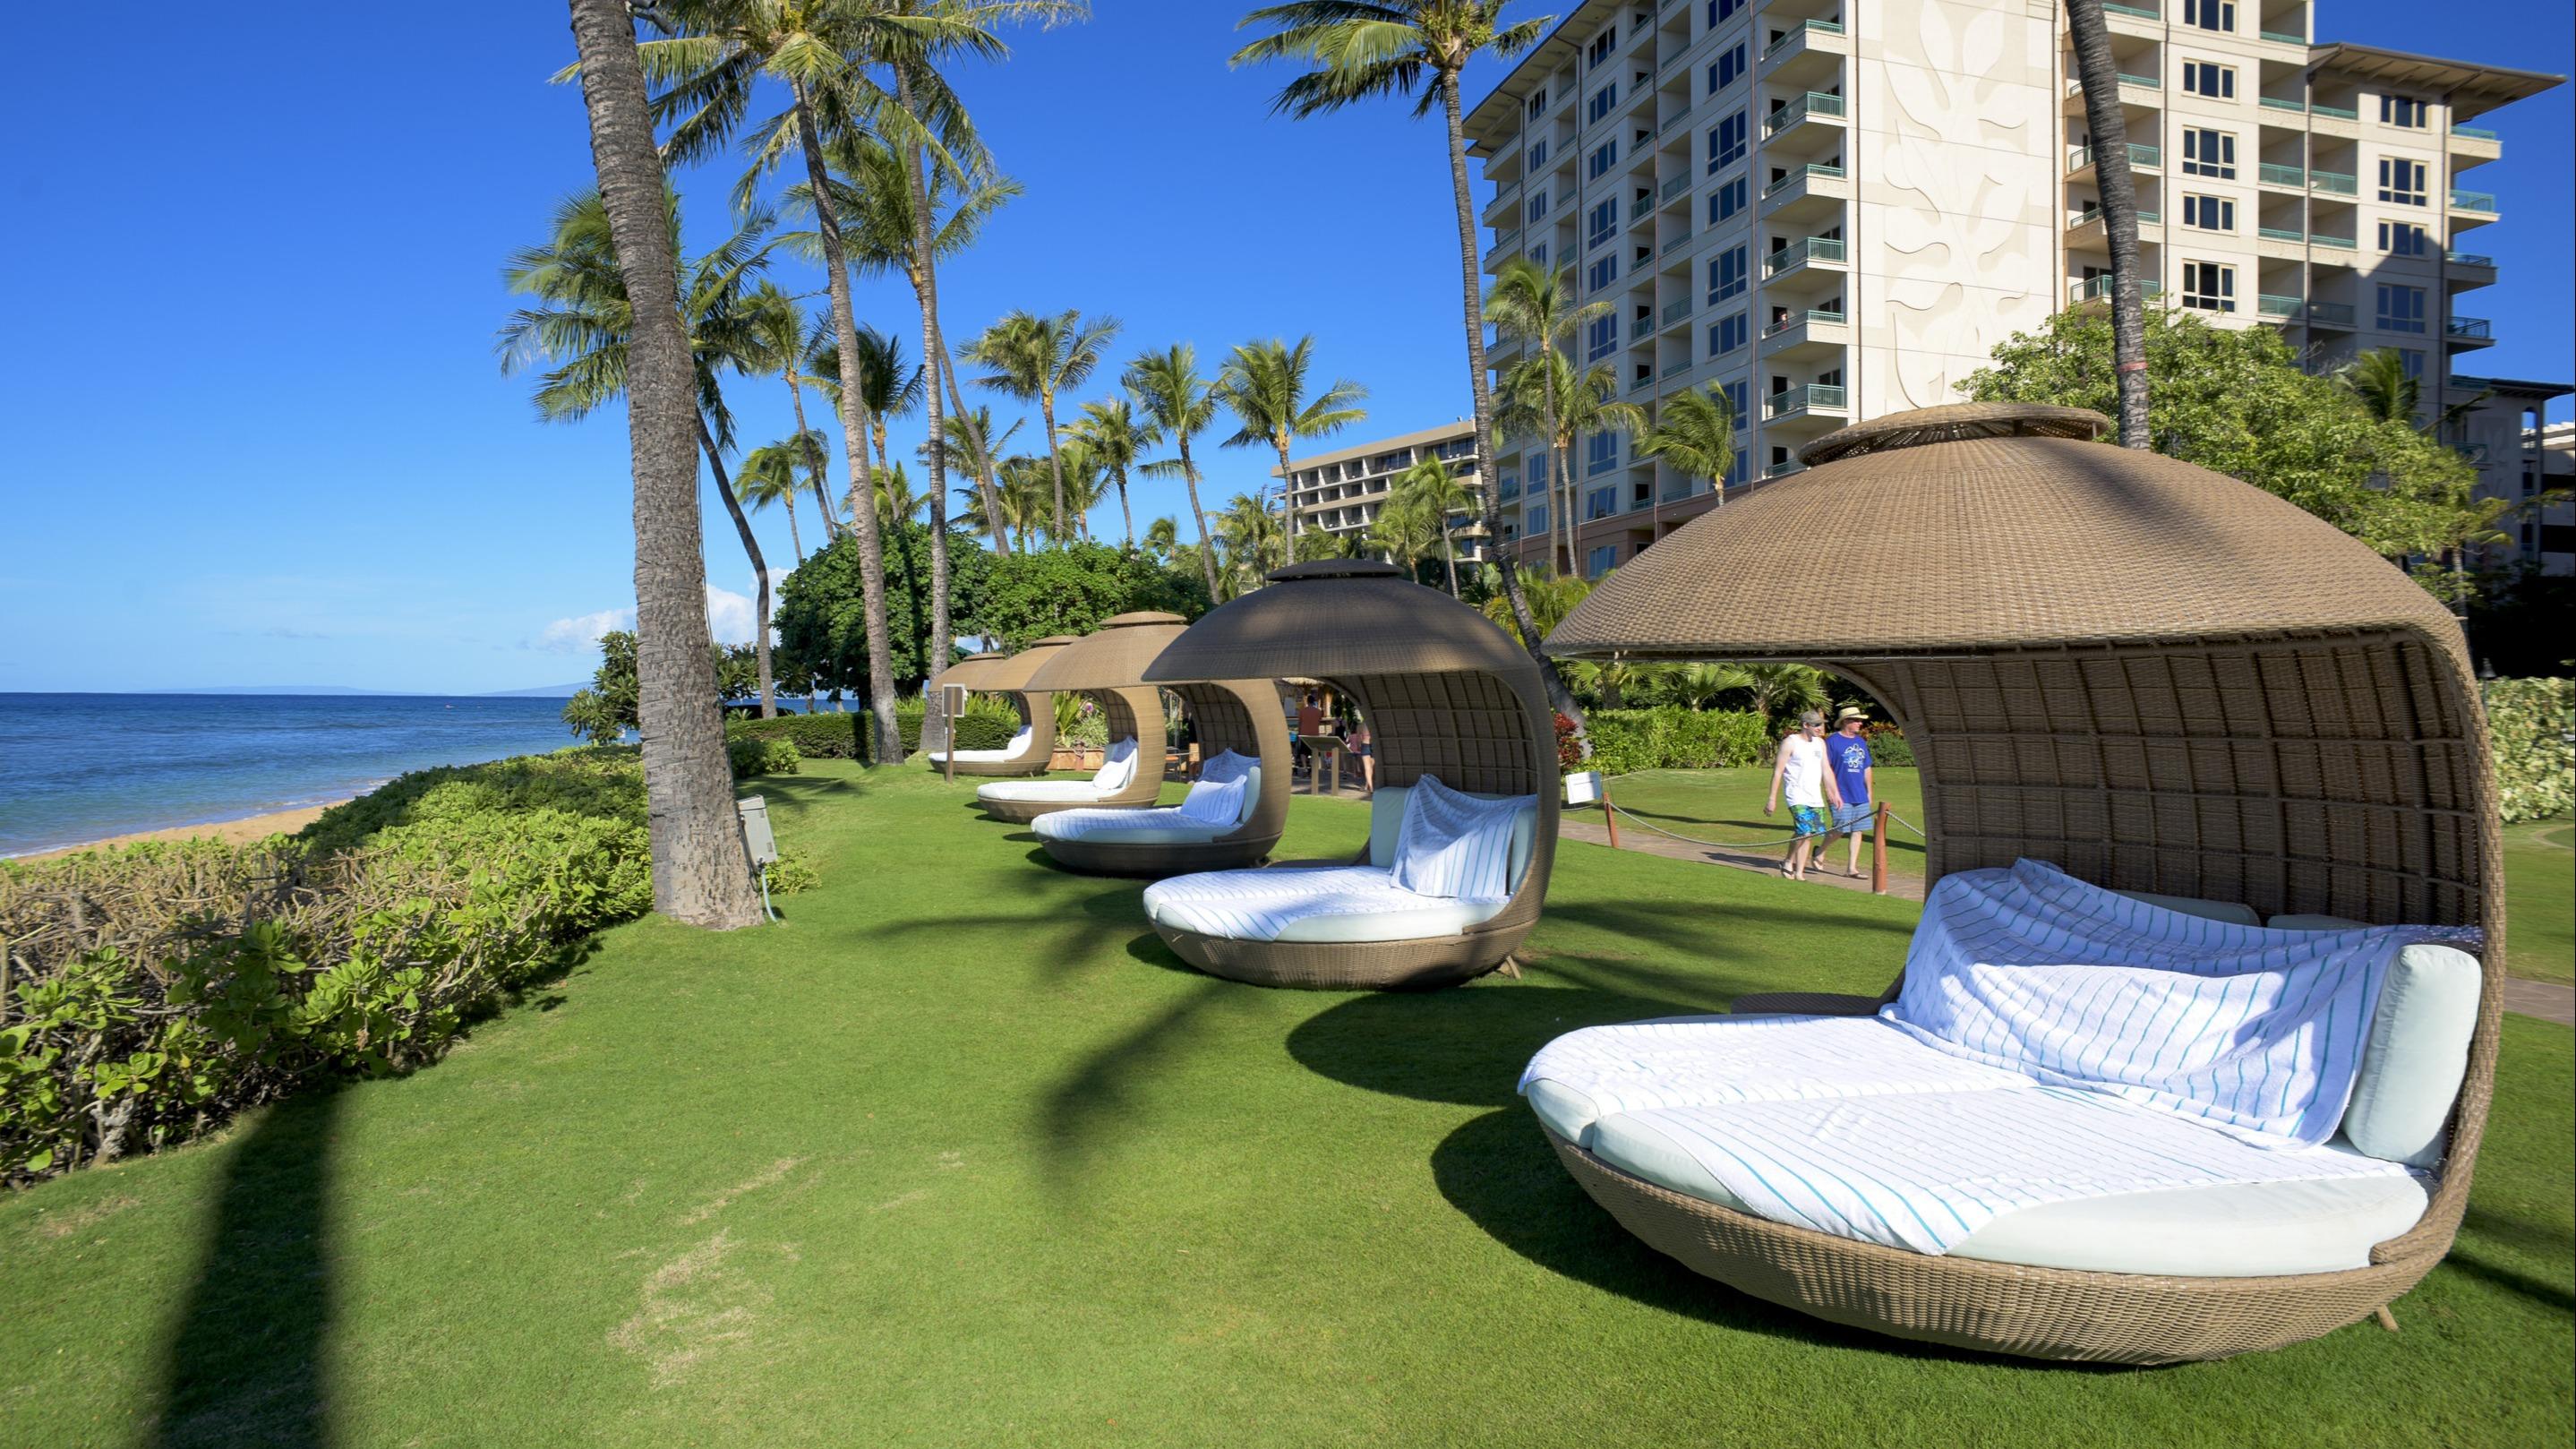 Maui Man Condo Rentals